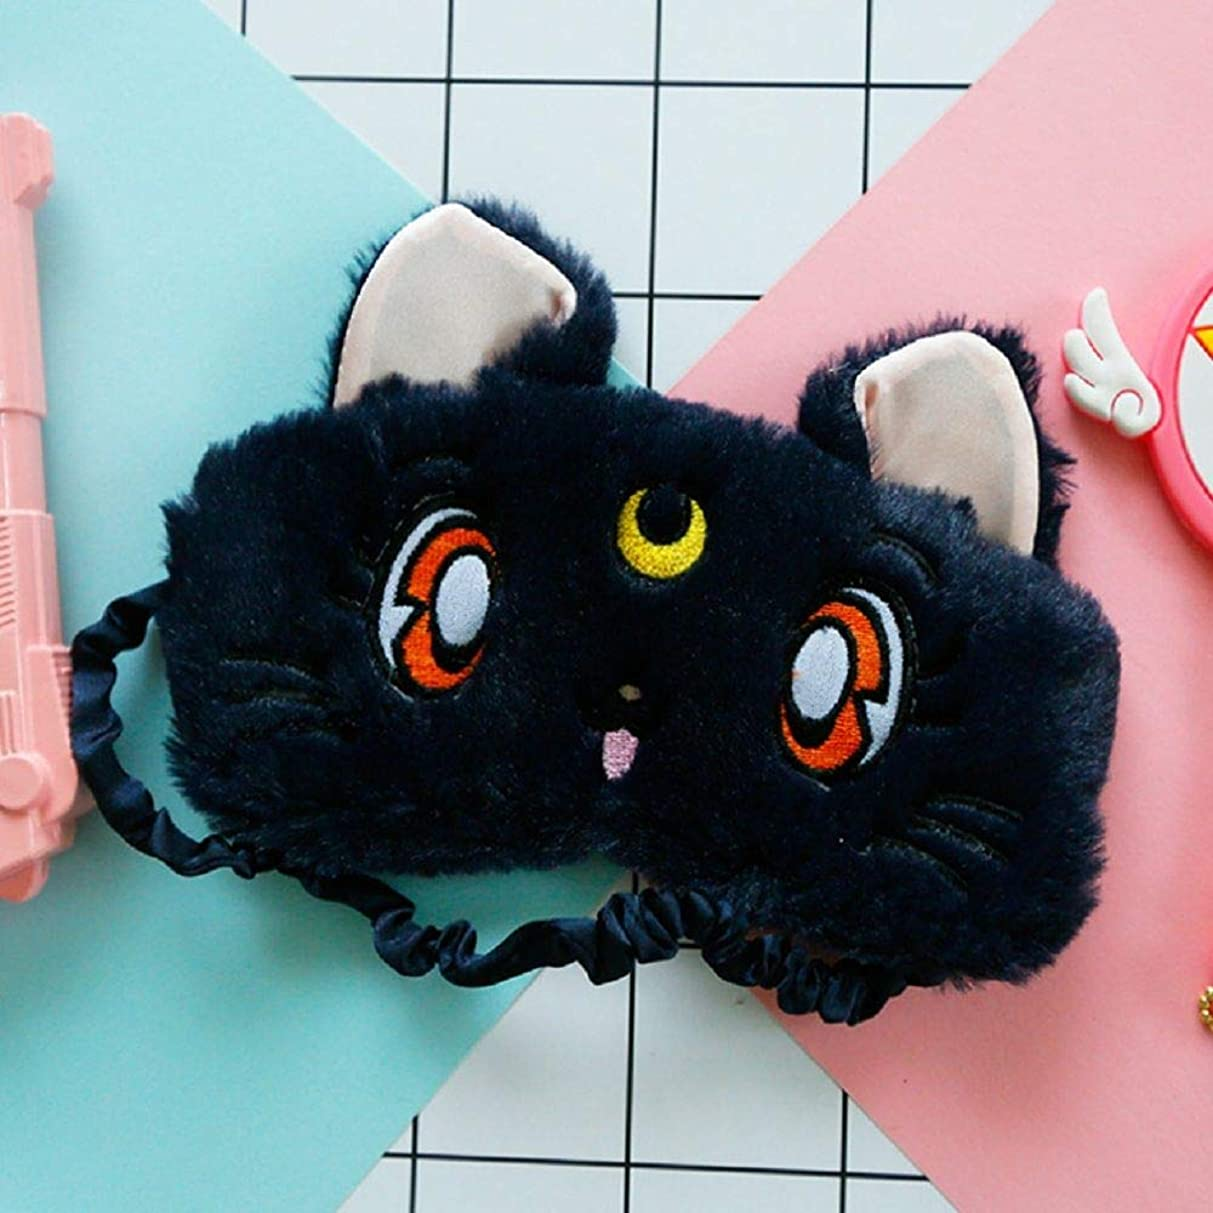 祈りくちばし魅力的であることへのアピールNOTE 1ピース新しい快適なかわいいアイマスク用休息と睡眠猫パターン目隠しマスク旅行リラックス援助目隠し